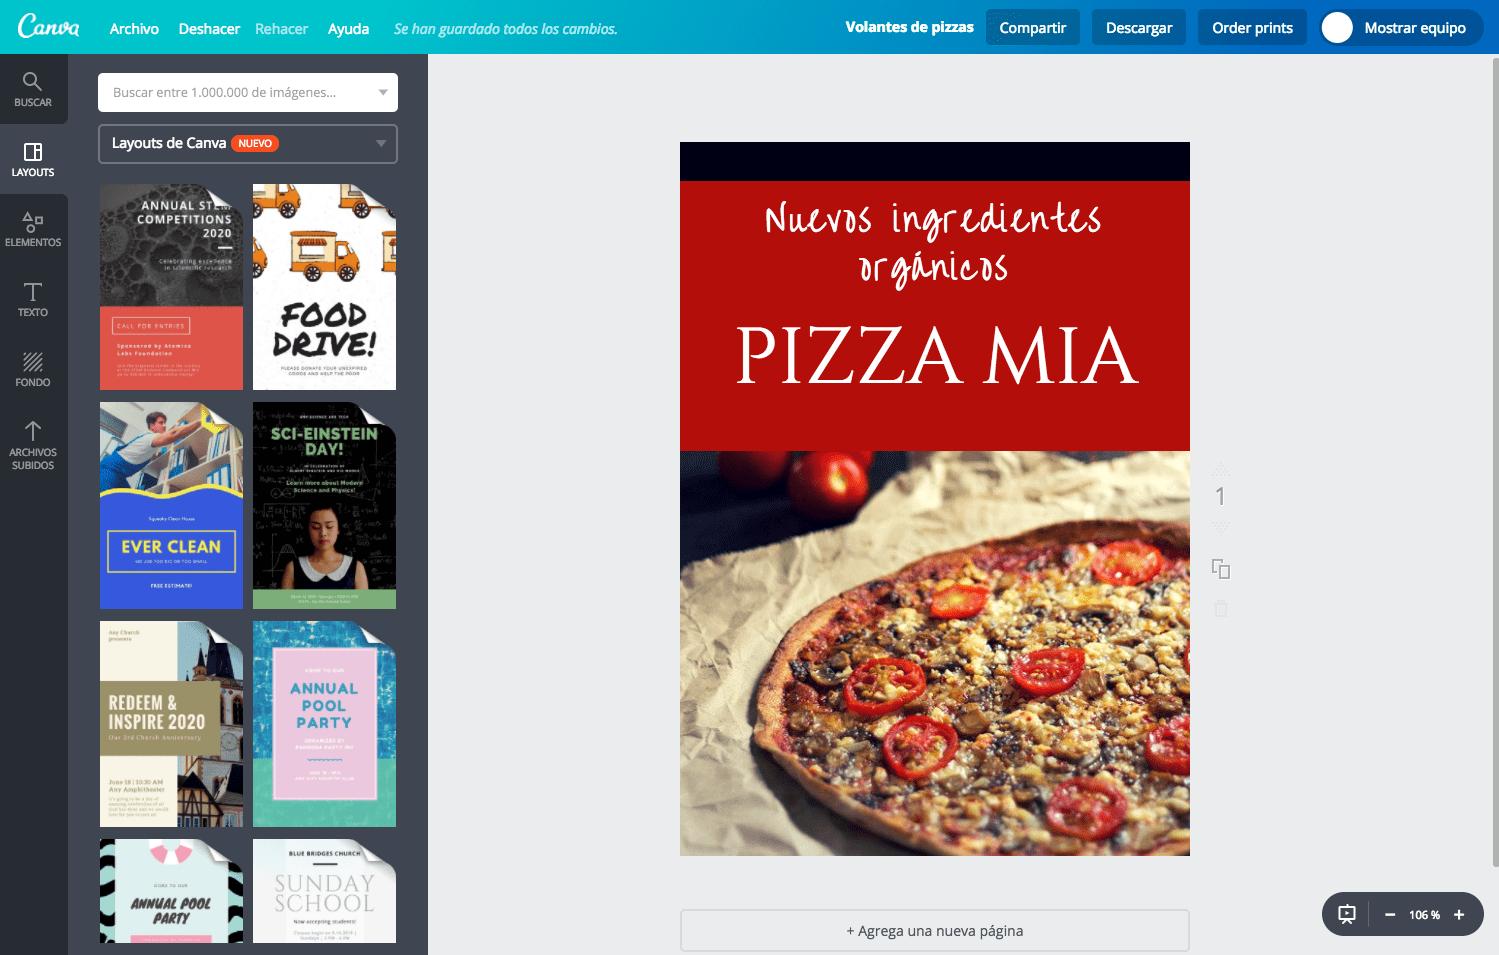 Volantes de pizzas